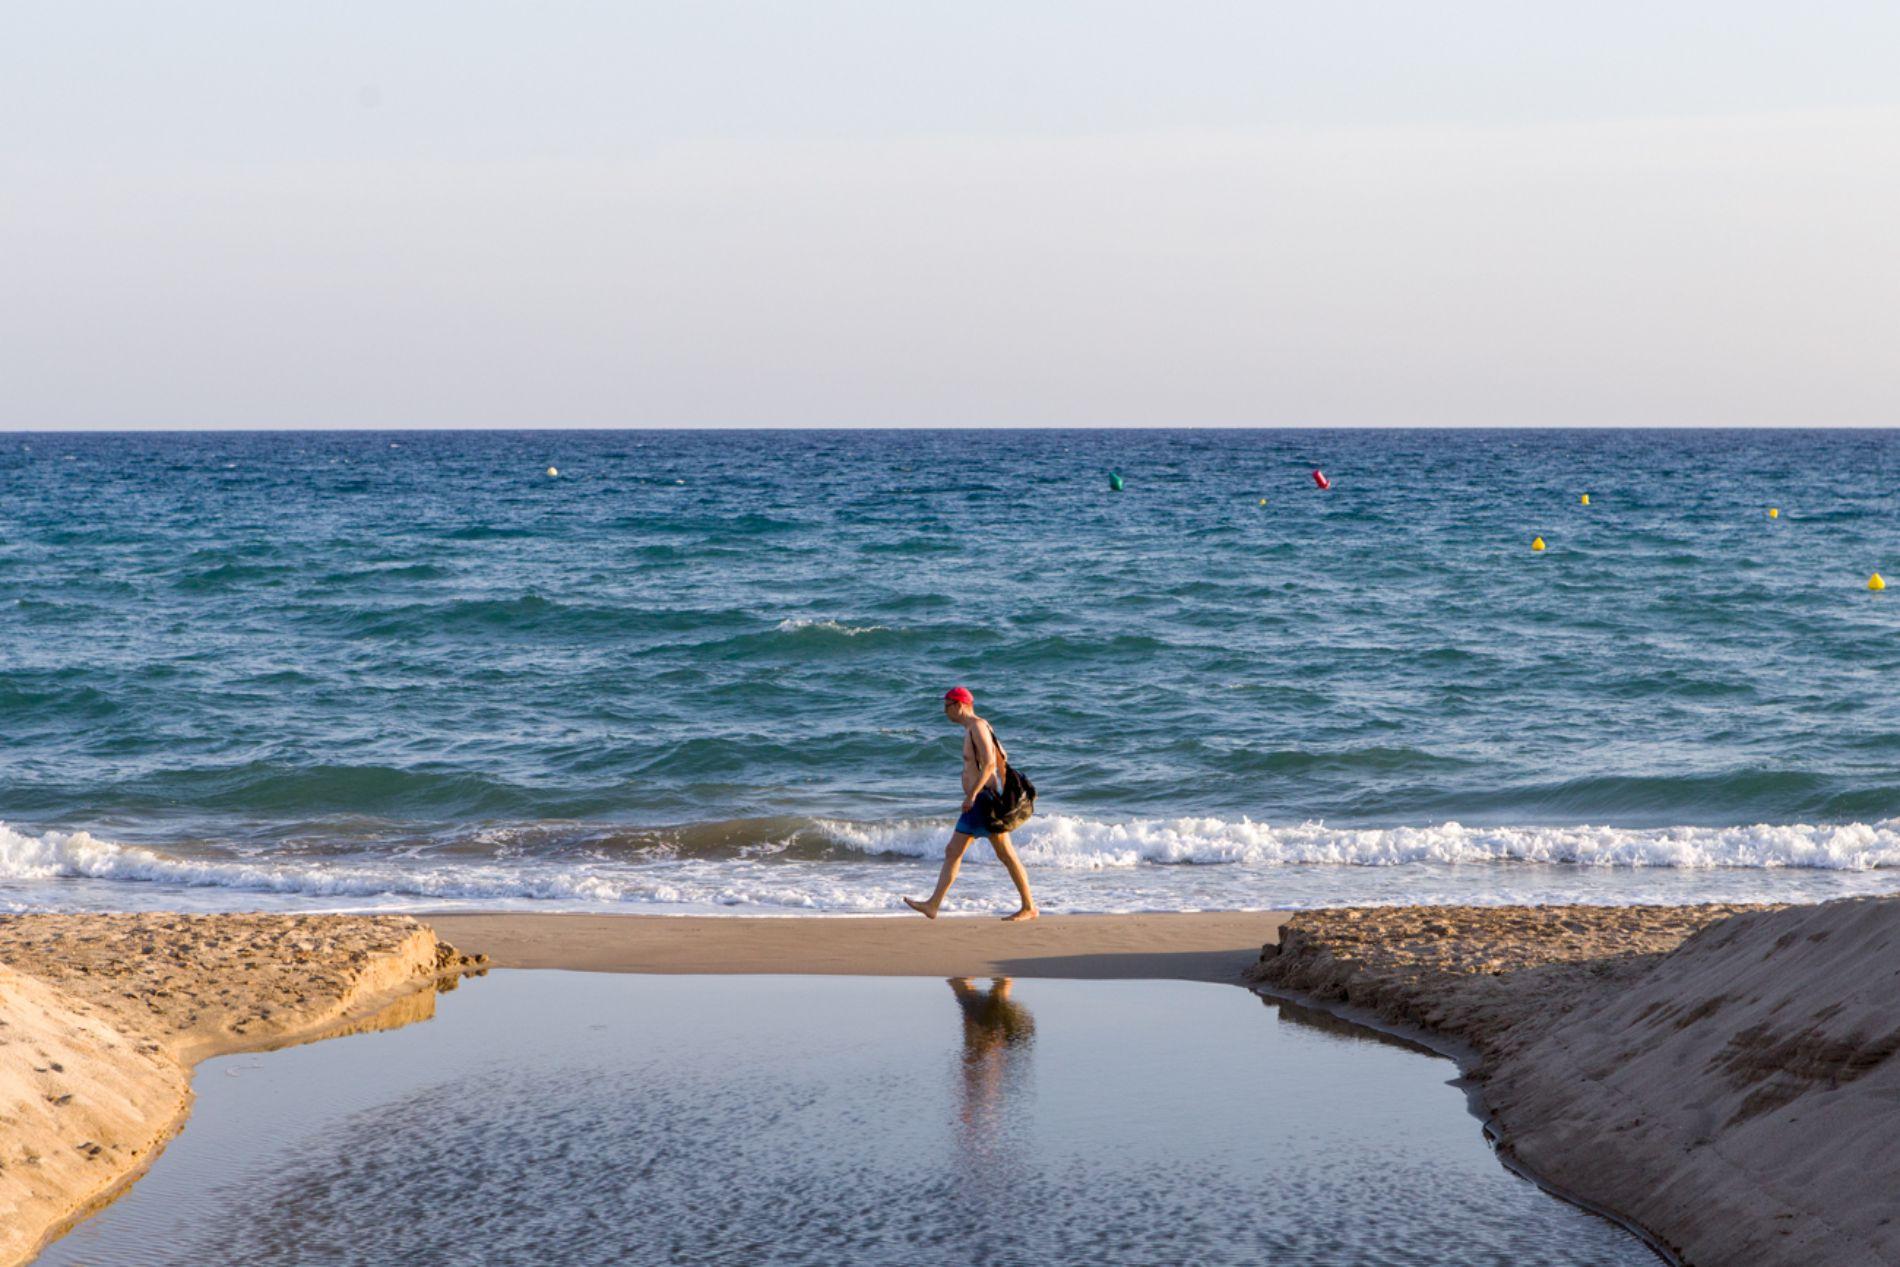 Un paseo por la playa, descalzo, repone las pilas en cualquier época del año.